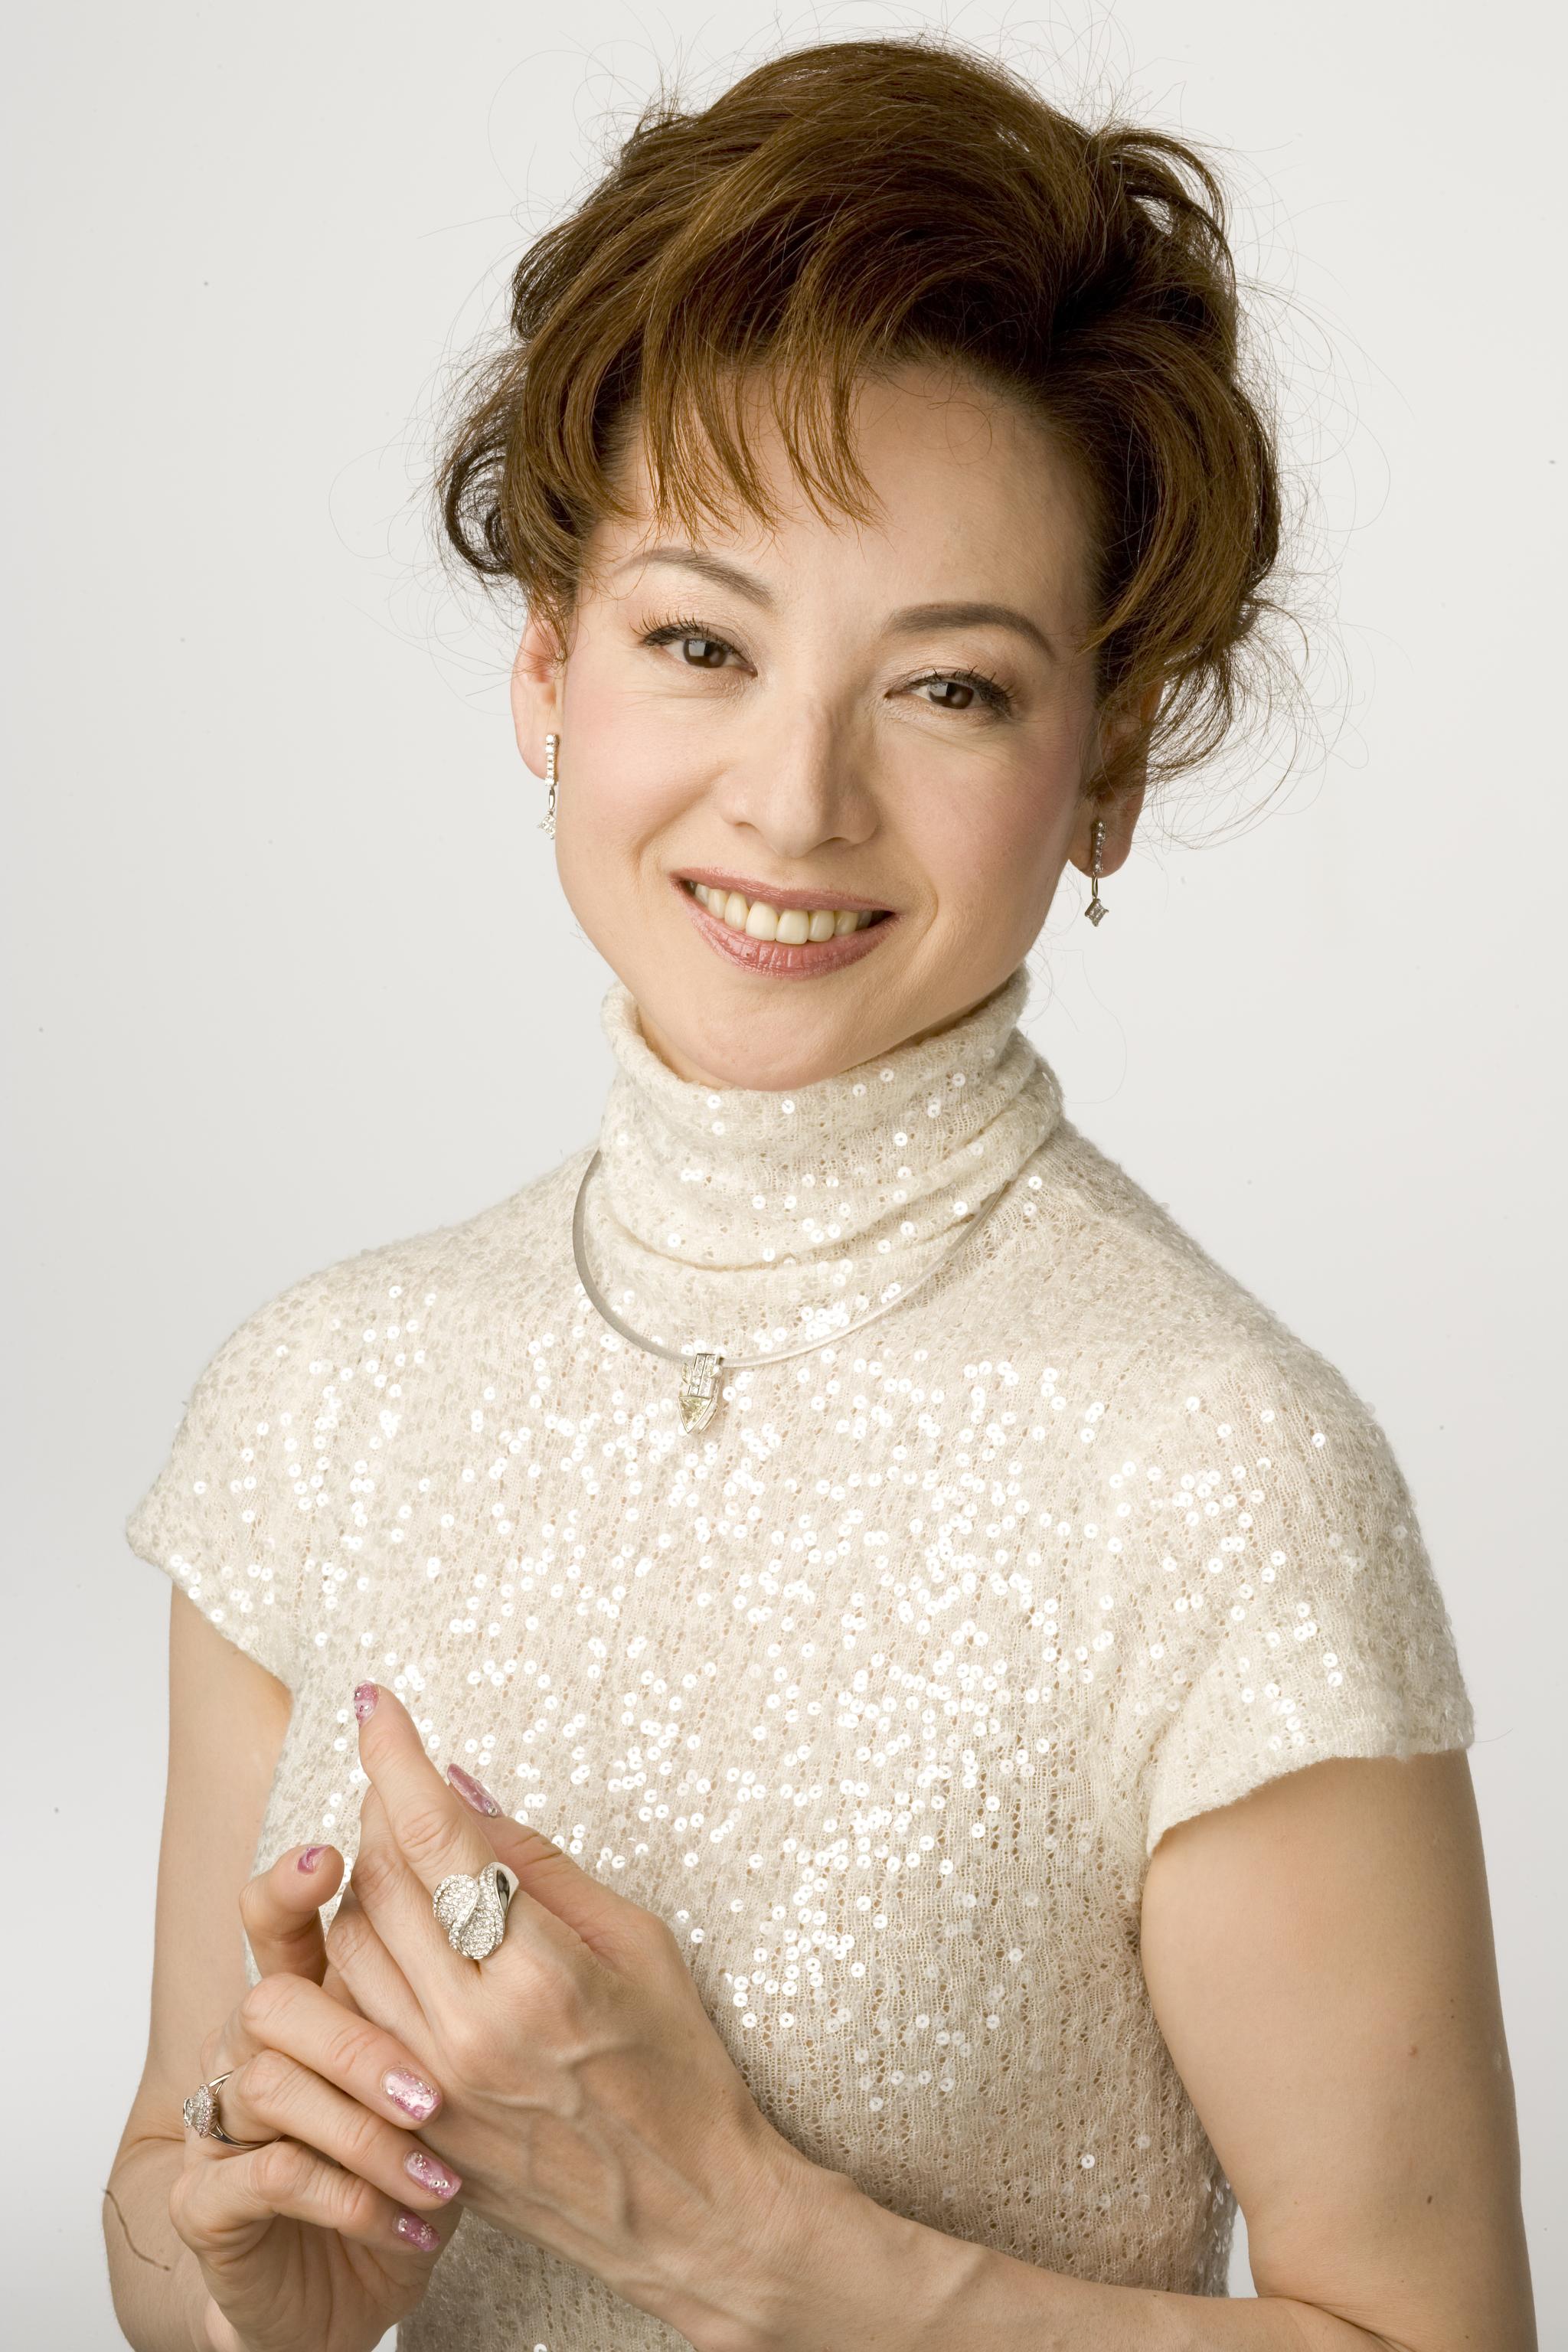 夏樹陽子、その悲惨な結婚歴!?大女優を苦しめた不幸の結婚!?のサムネイル画像